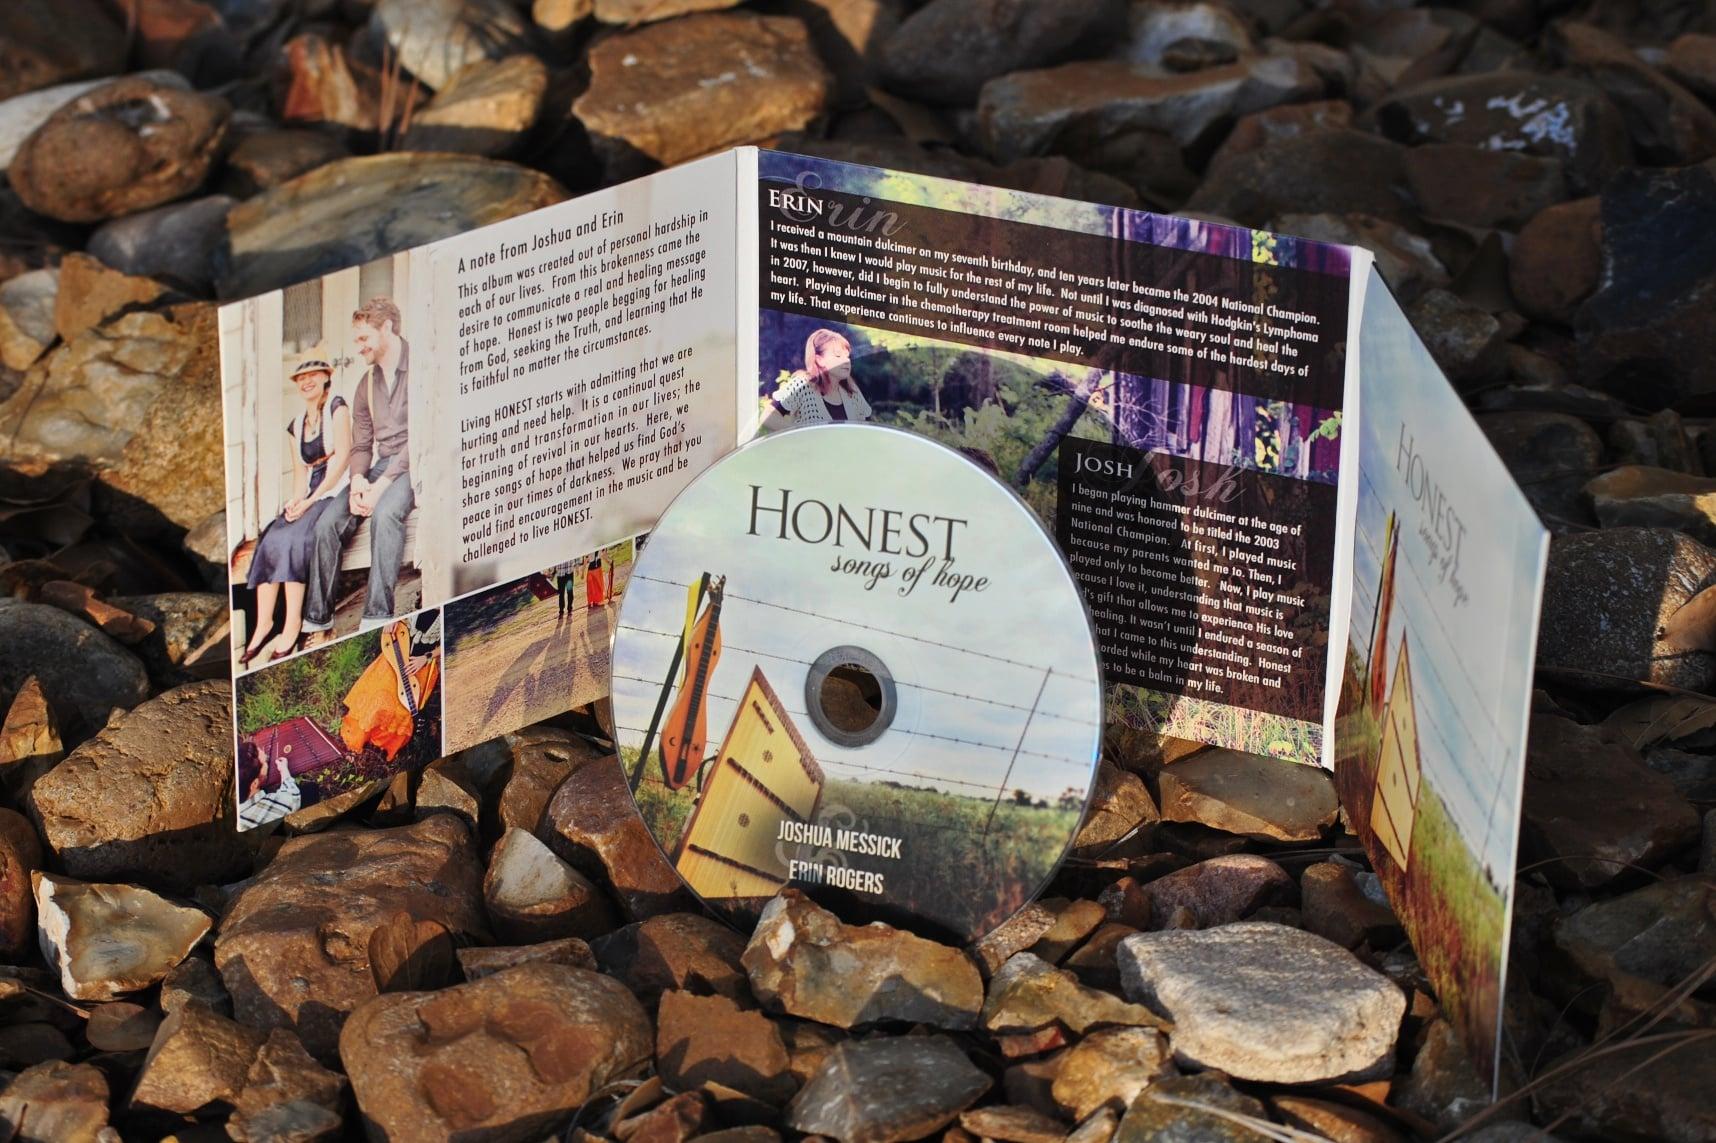 Honest: Songs of Hope - Acoustic Instrumental Dulcimer Music